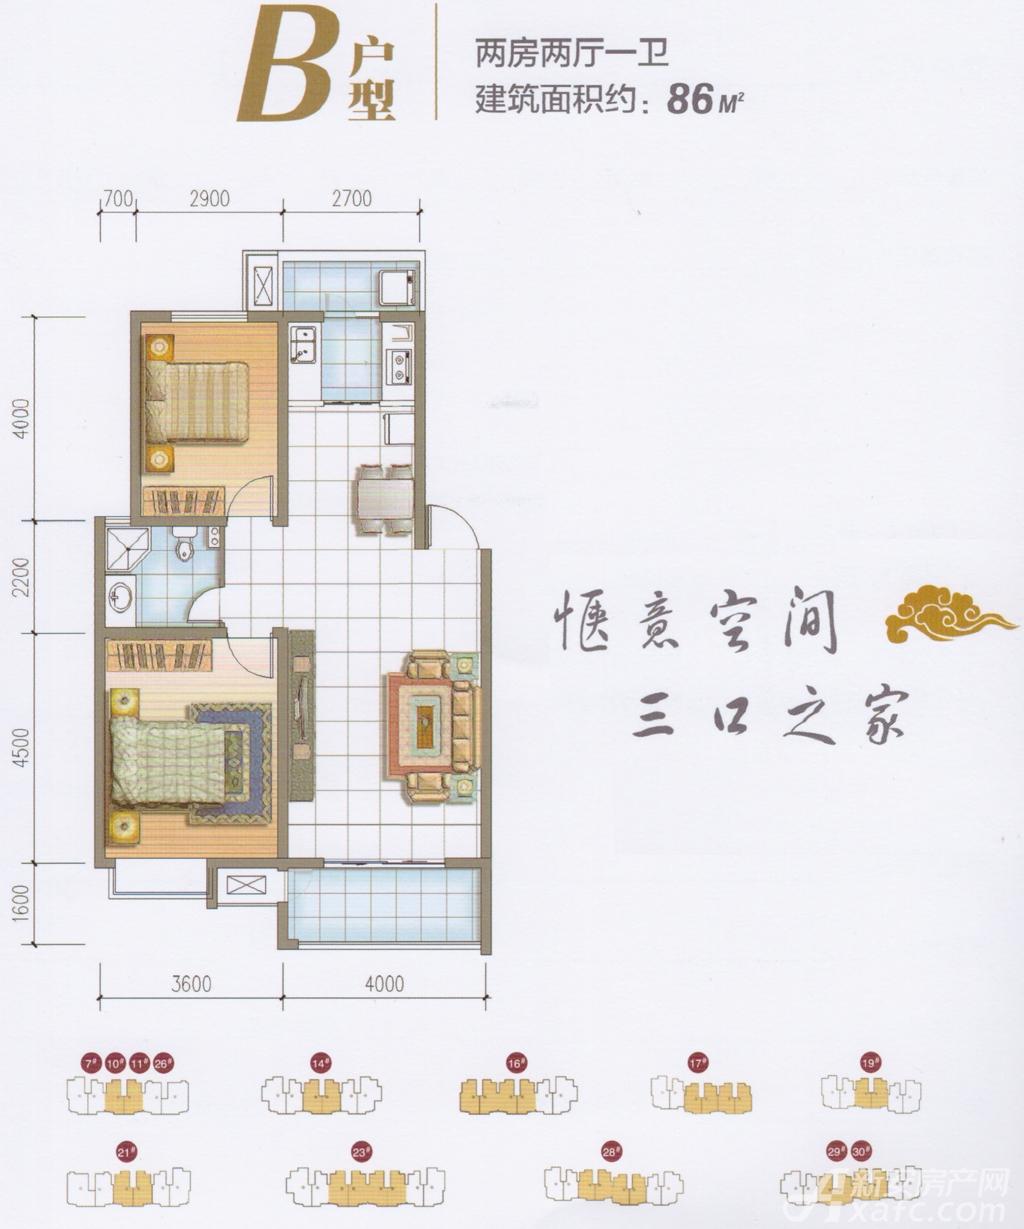 宇业依云红郡B户型2室2厅86平米